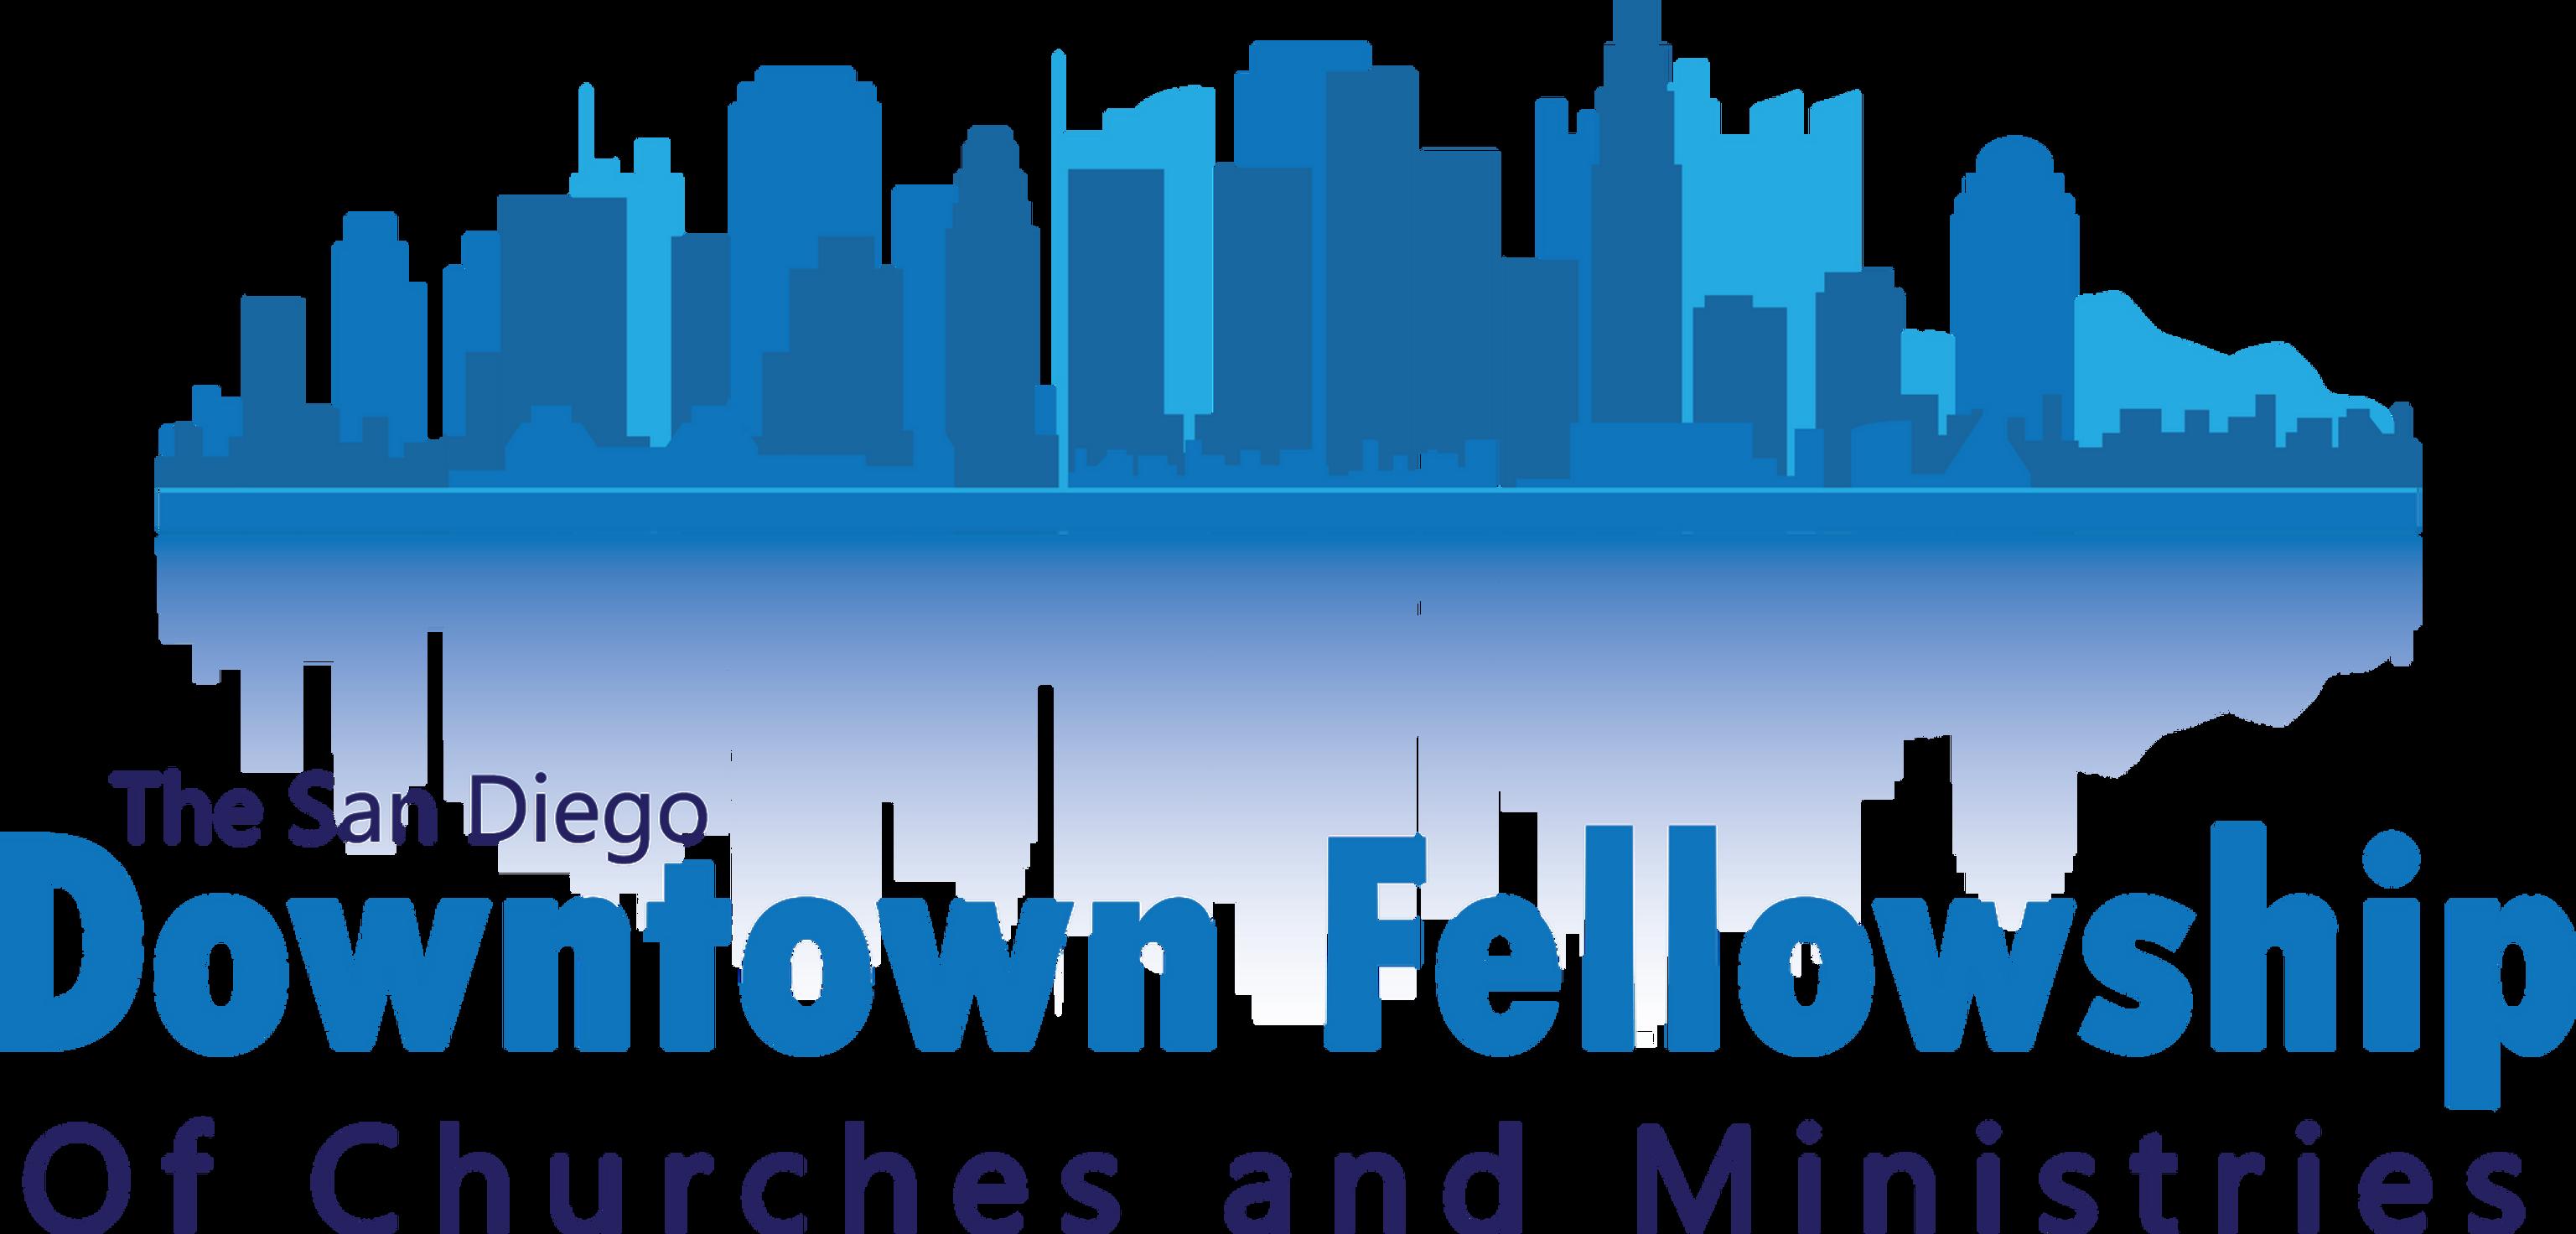 San Diego Downtown Fellowship